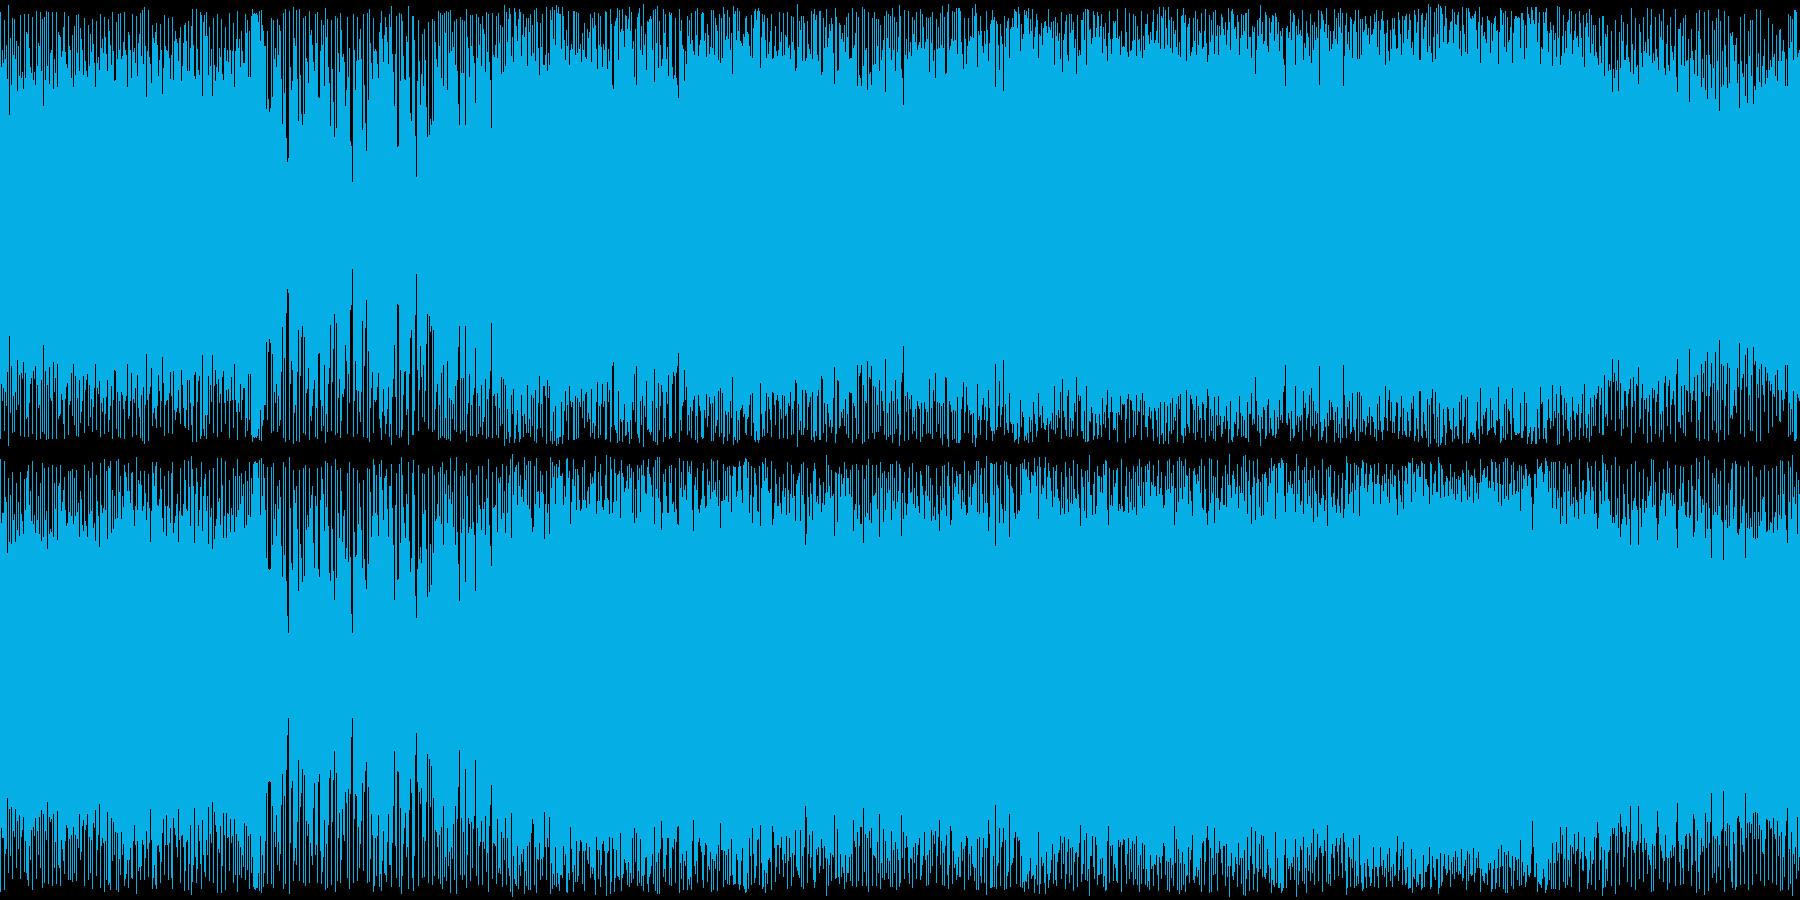 戦闘機でかっこよく駆け抜けていくメタル曲の再生済みの波形